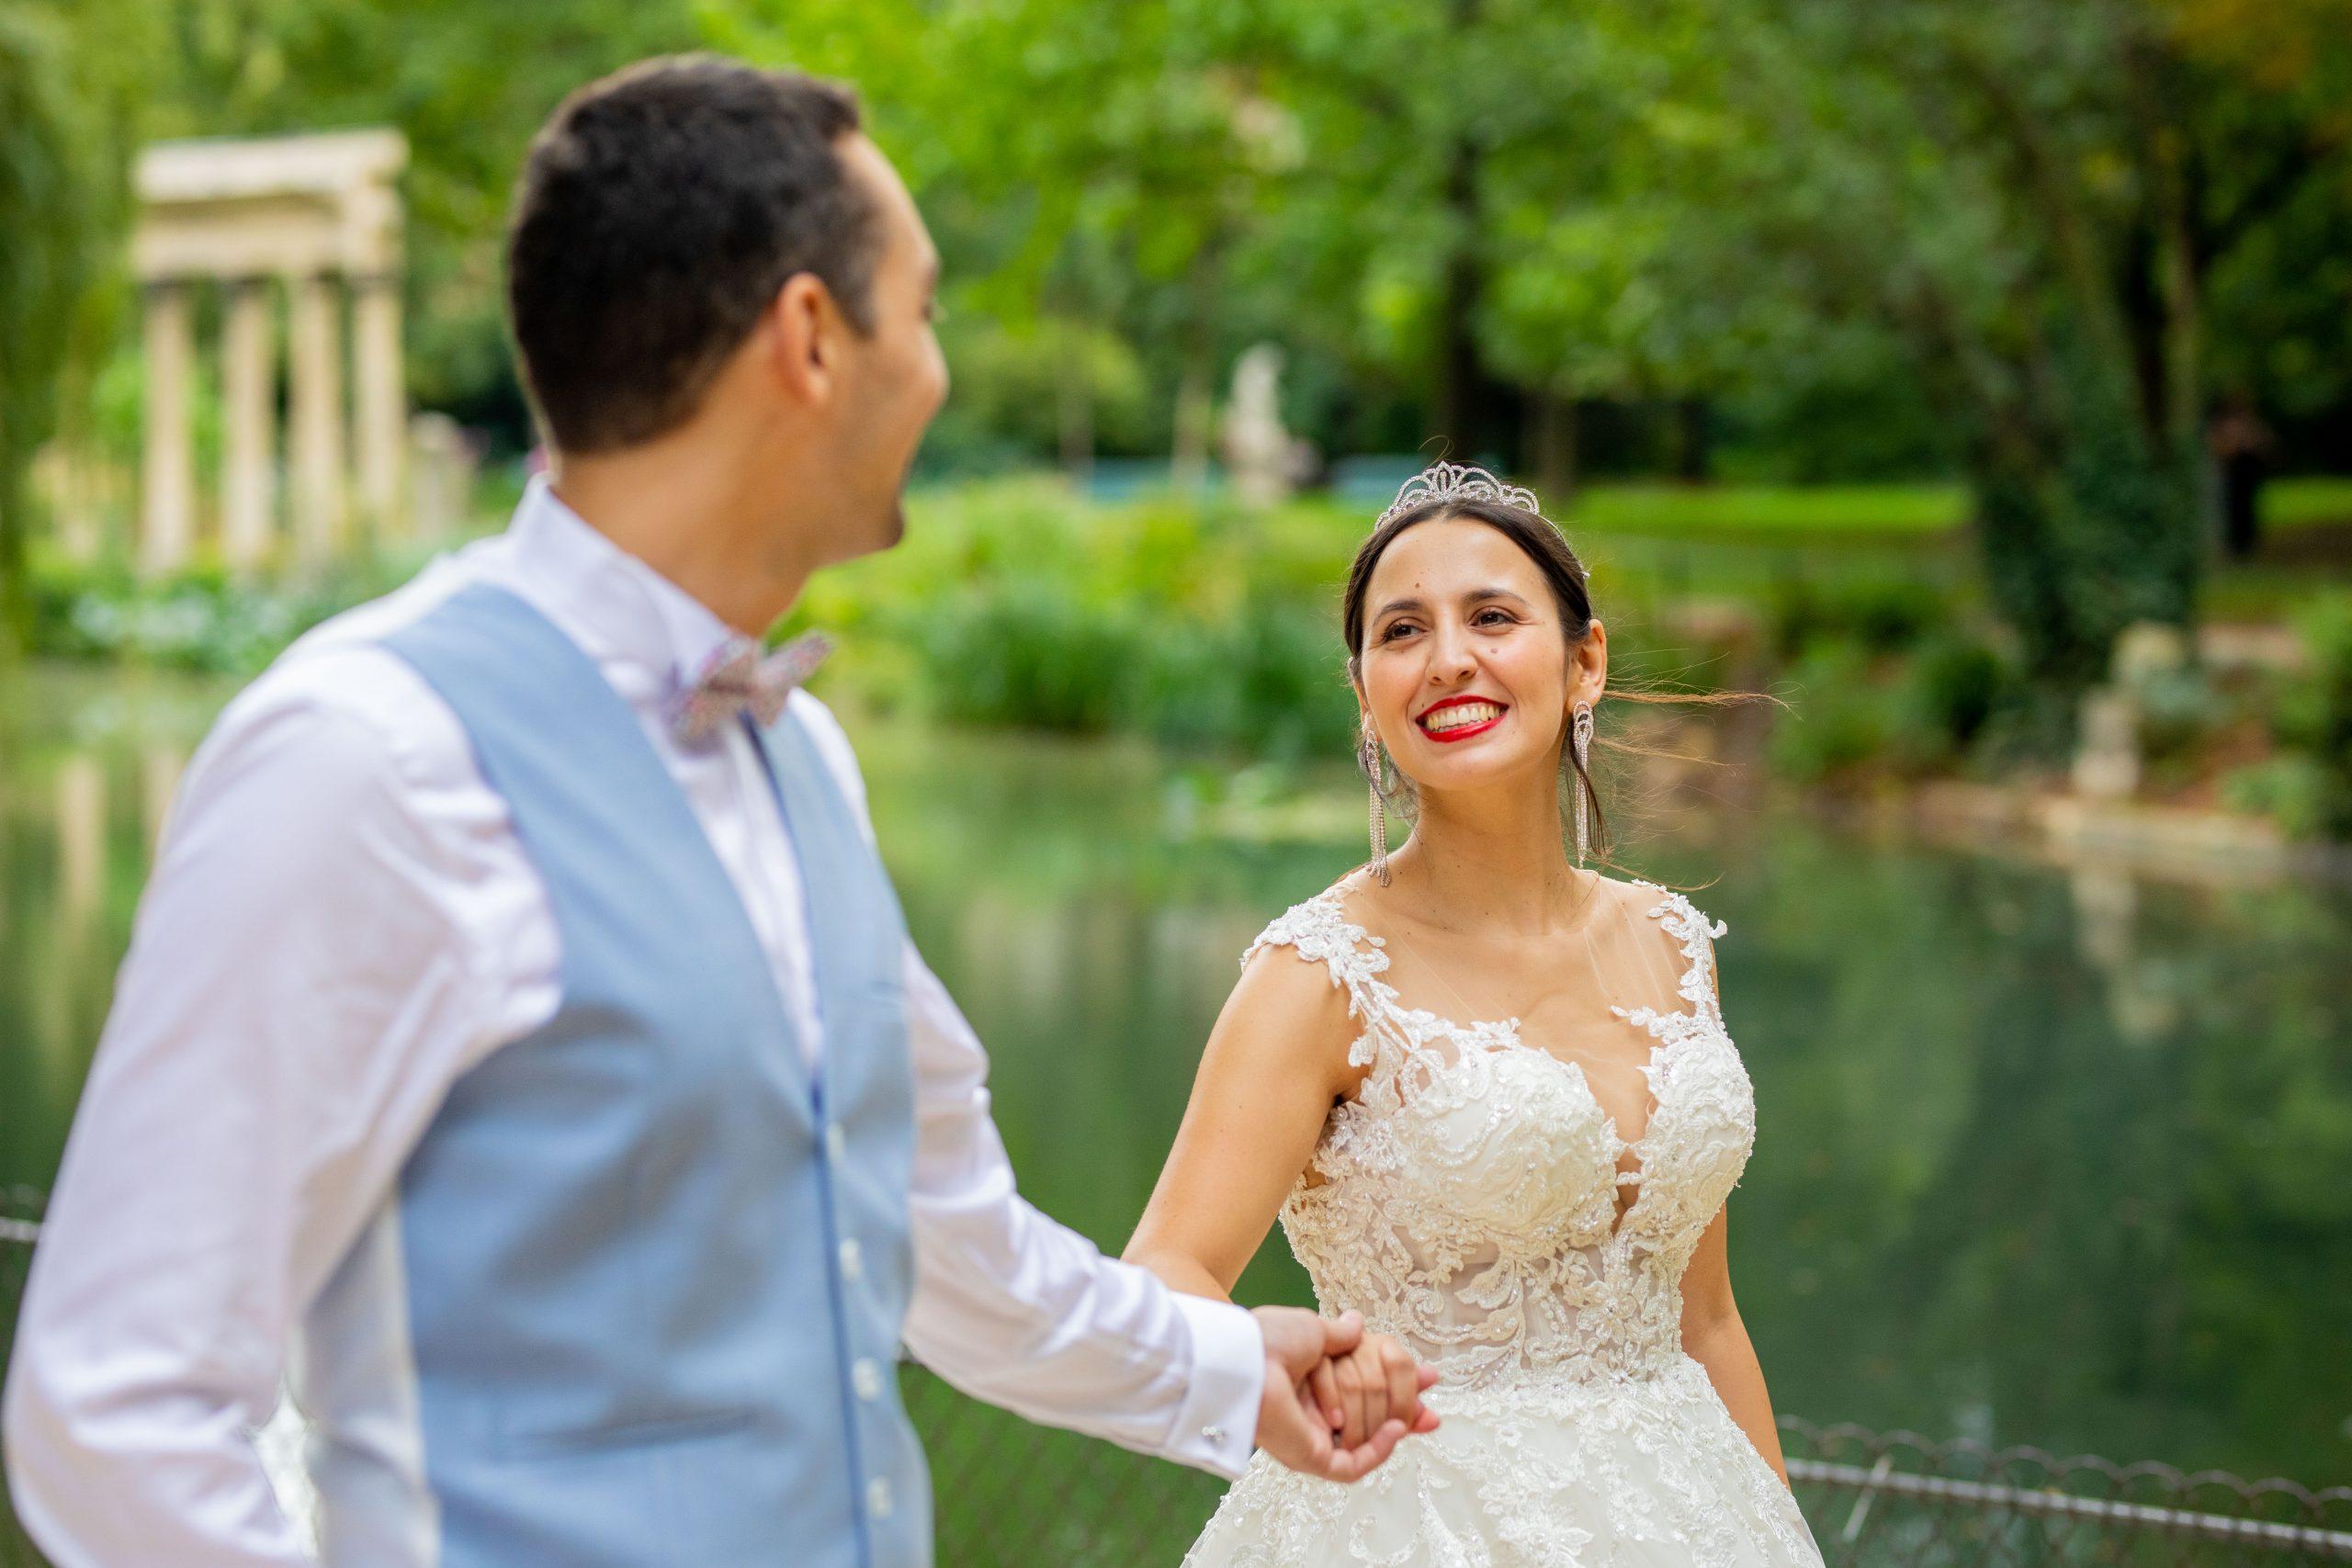 Photographe mariage - Paris - Montpellier - Nice - séance couple Parc Monceau - Photographe Paris